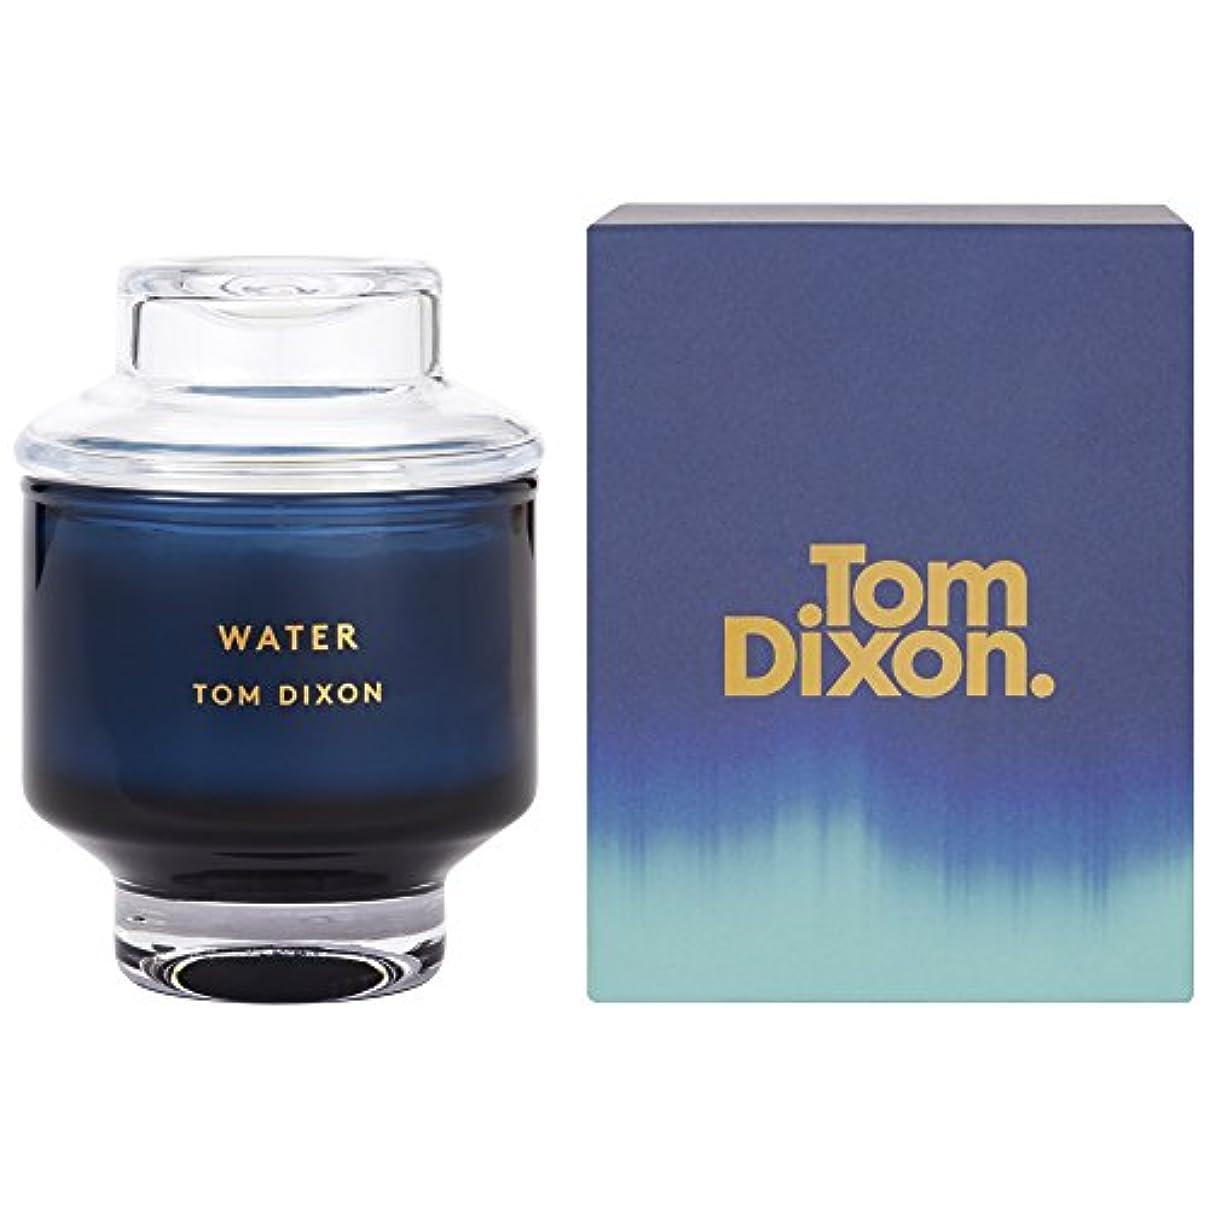 ルネッサンスパスポート火曜日Tom Dixon Water Scented Candle Medium (Pack of 2) - トム?ディクソン水の香りのキャンドル媒体 x2 [並行輸入品]